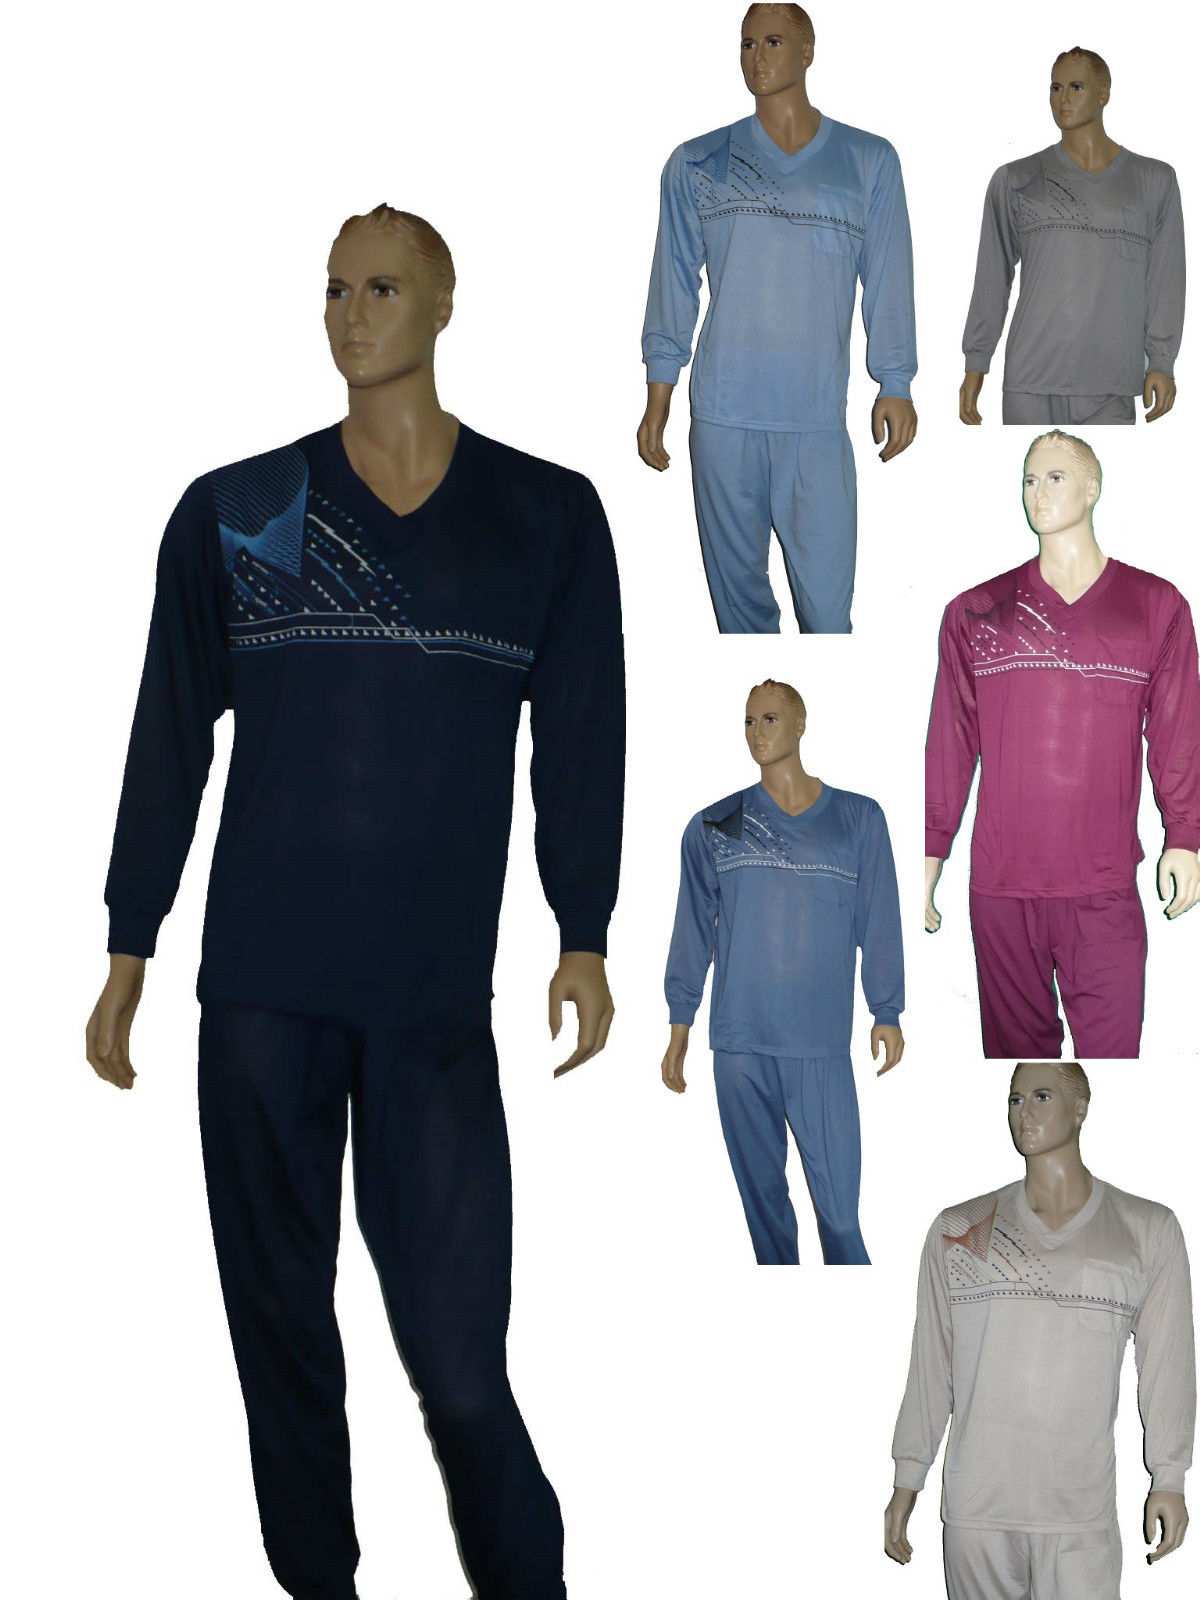 Herren Schlafanzu lang Arm-u.Beinbündchen in Markenqualität Pyjama Gr.M-XXXL